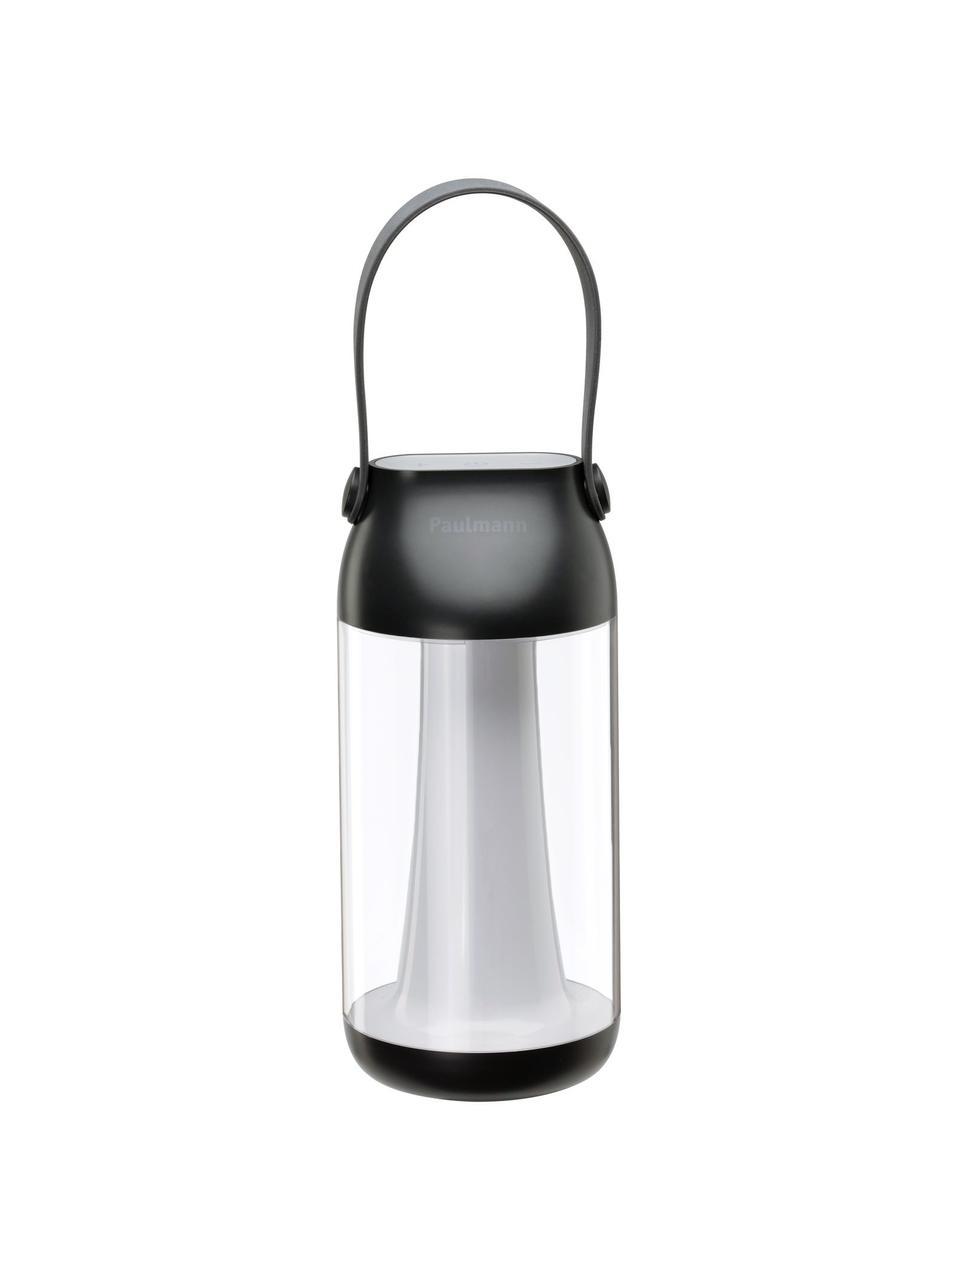 Lampada da tavolo dimmerabile da esterno Capulino, Paralume: materiale sintetico, Manico: materiale sintetico, Trasparente, antracite, Ø 8 cm